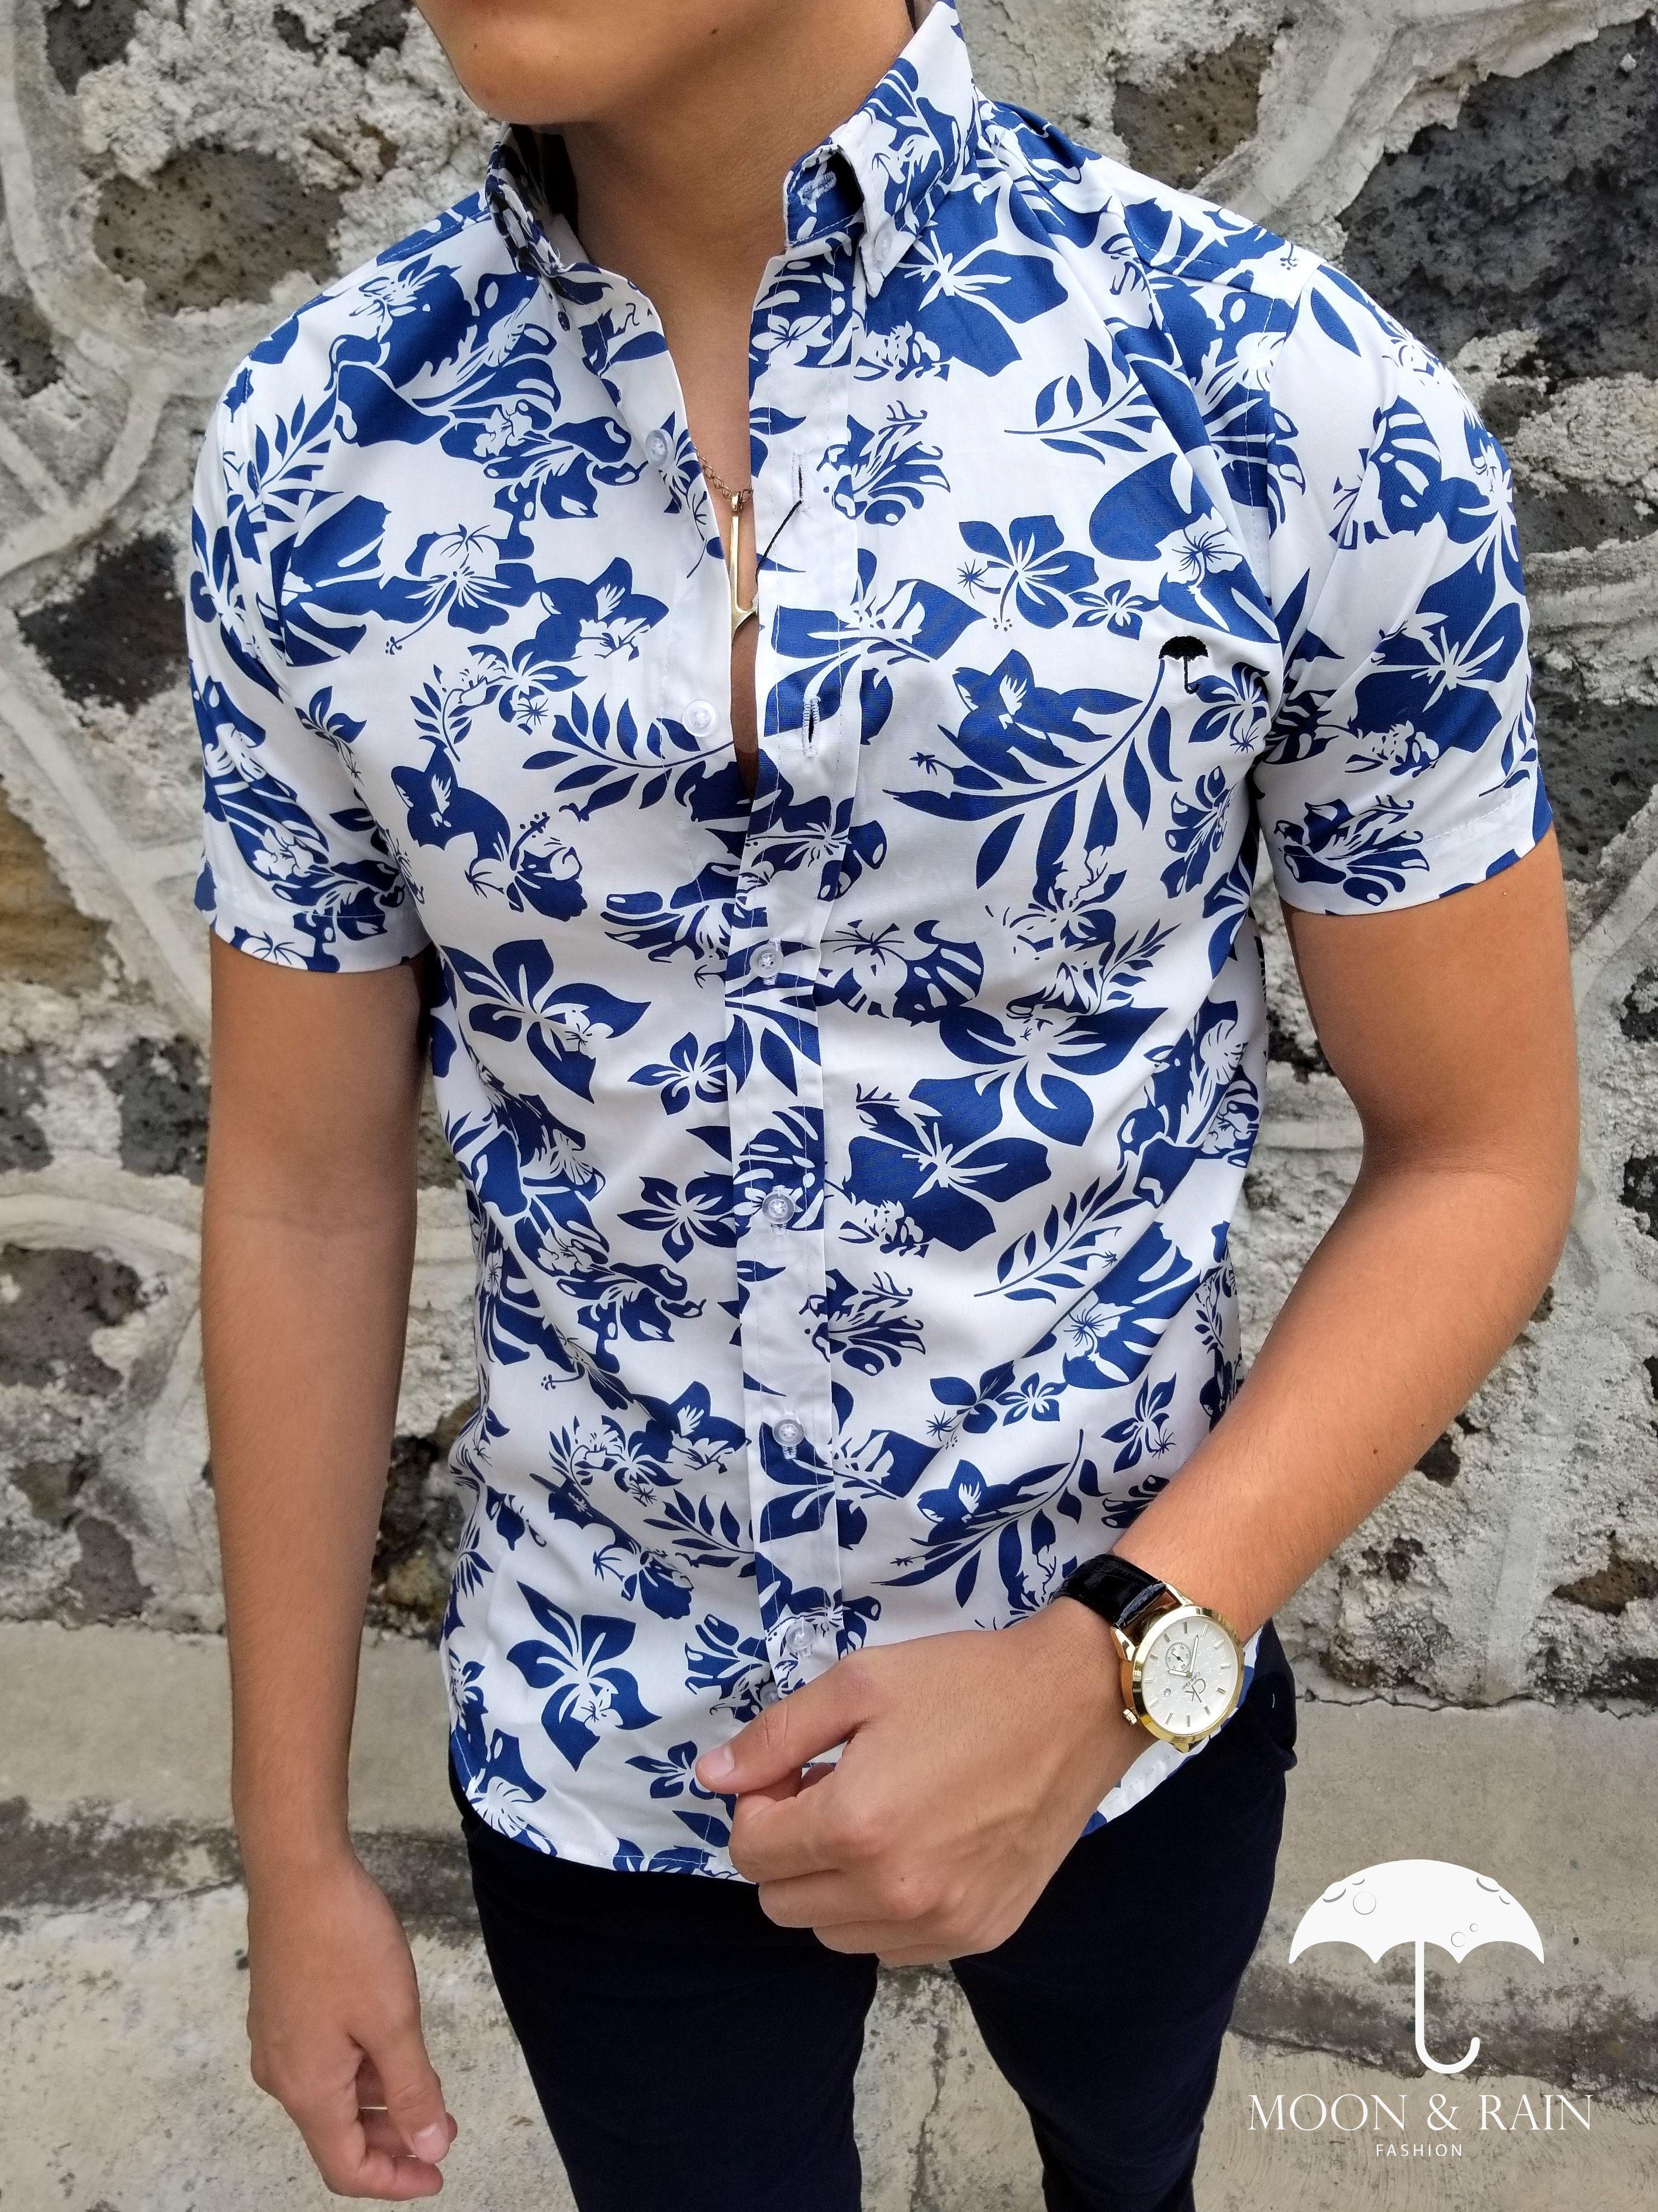 d4d189df9e44b Ropa para hombre ideal para una ocasión casual y o formal  Camisa Blanca de  Flores Azules